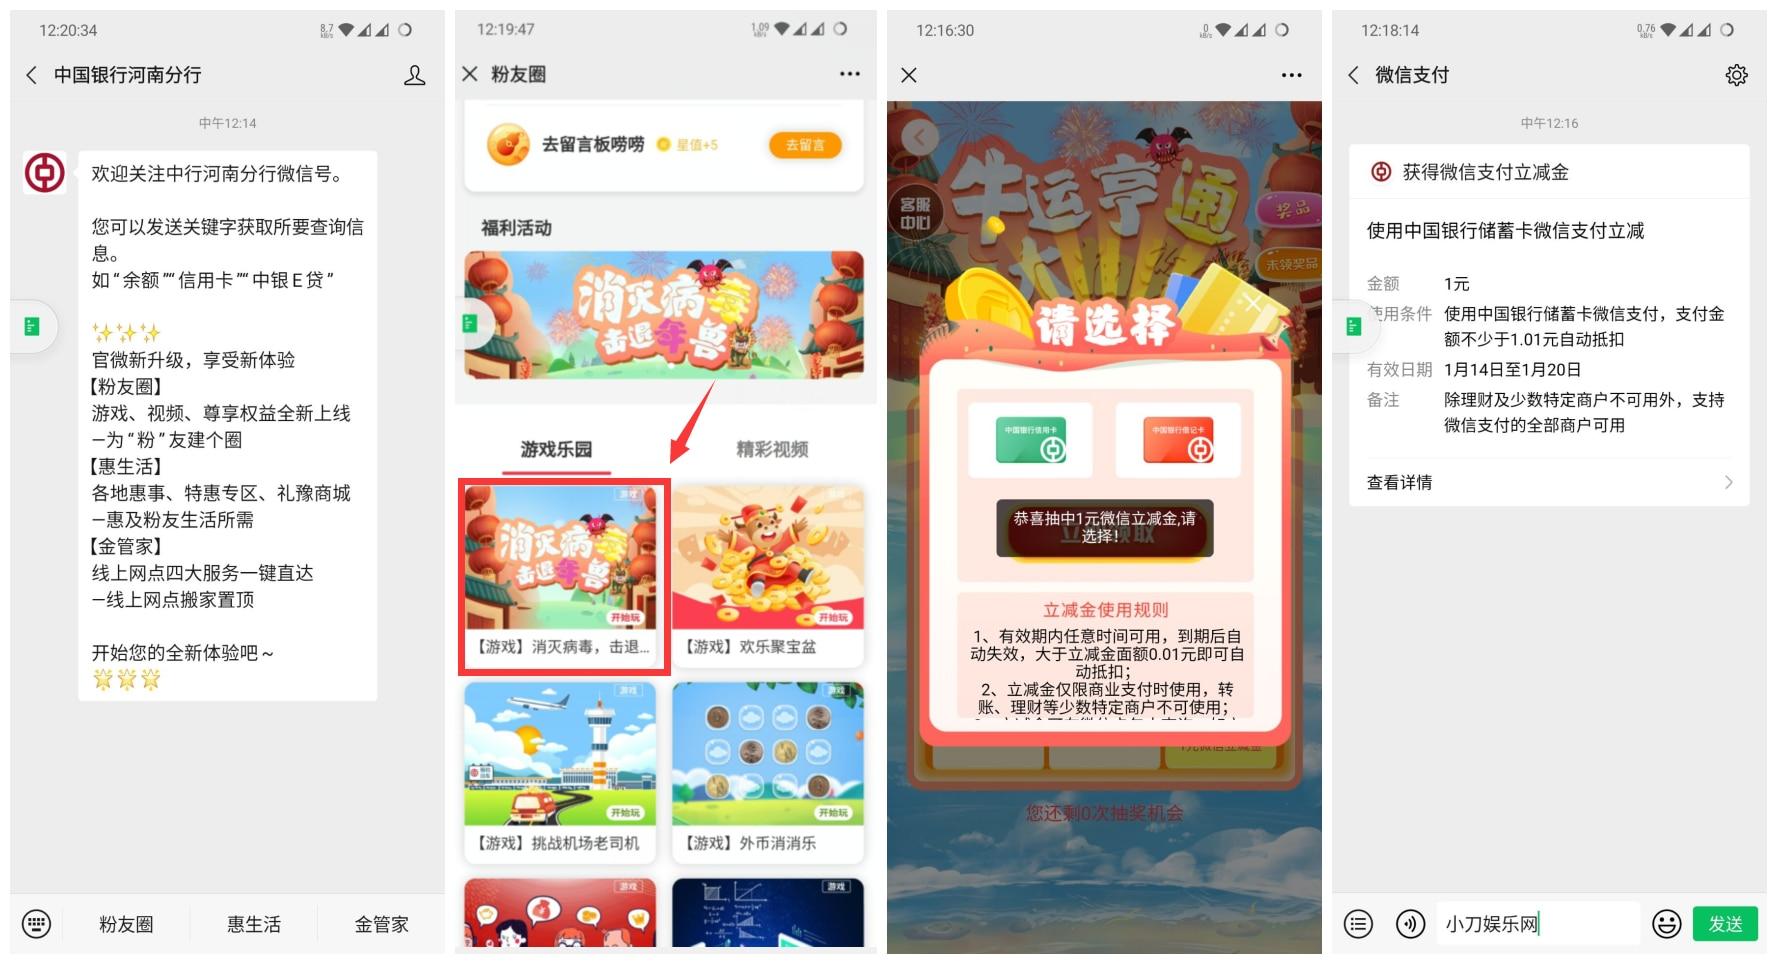 中国银行老用户抽微信立减金插图1